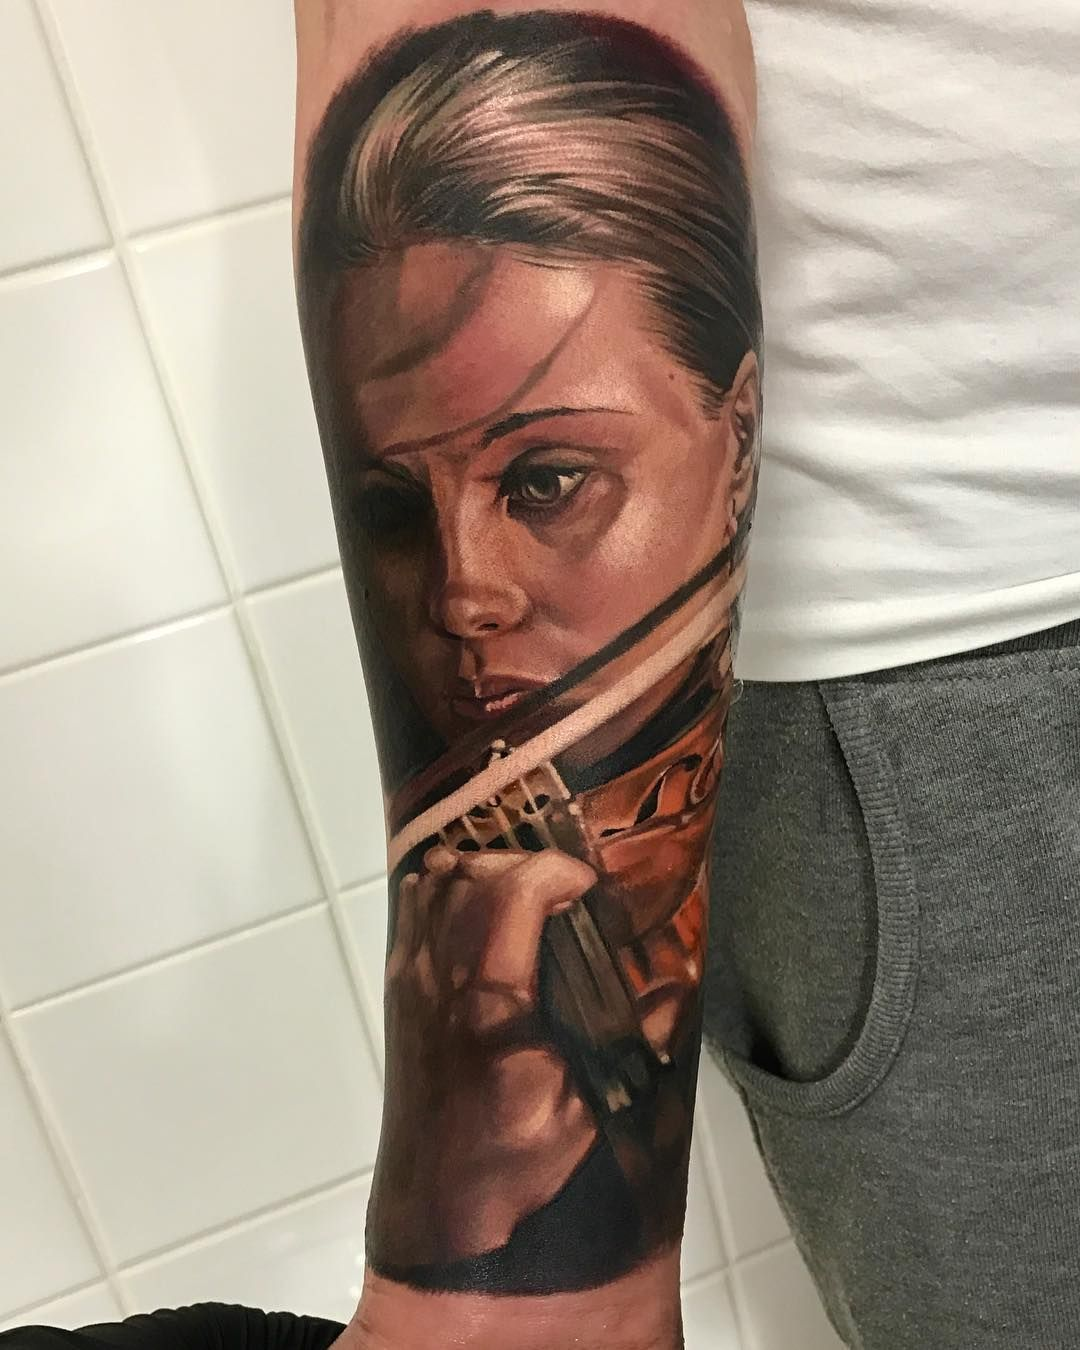 Love This Portrait Tattoo Best Tattoo Ever Tattoo Artists Tattoos For Women